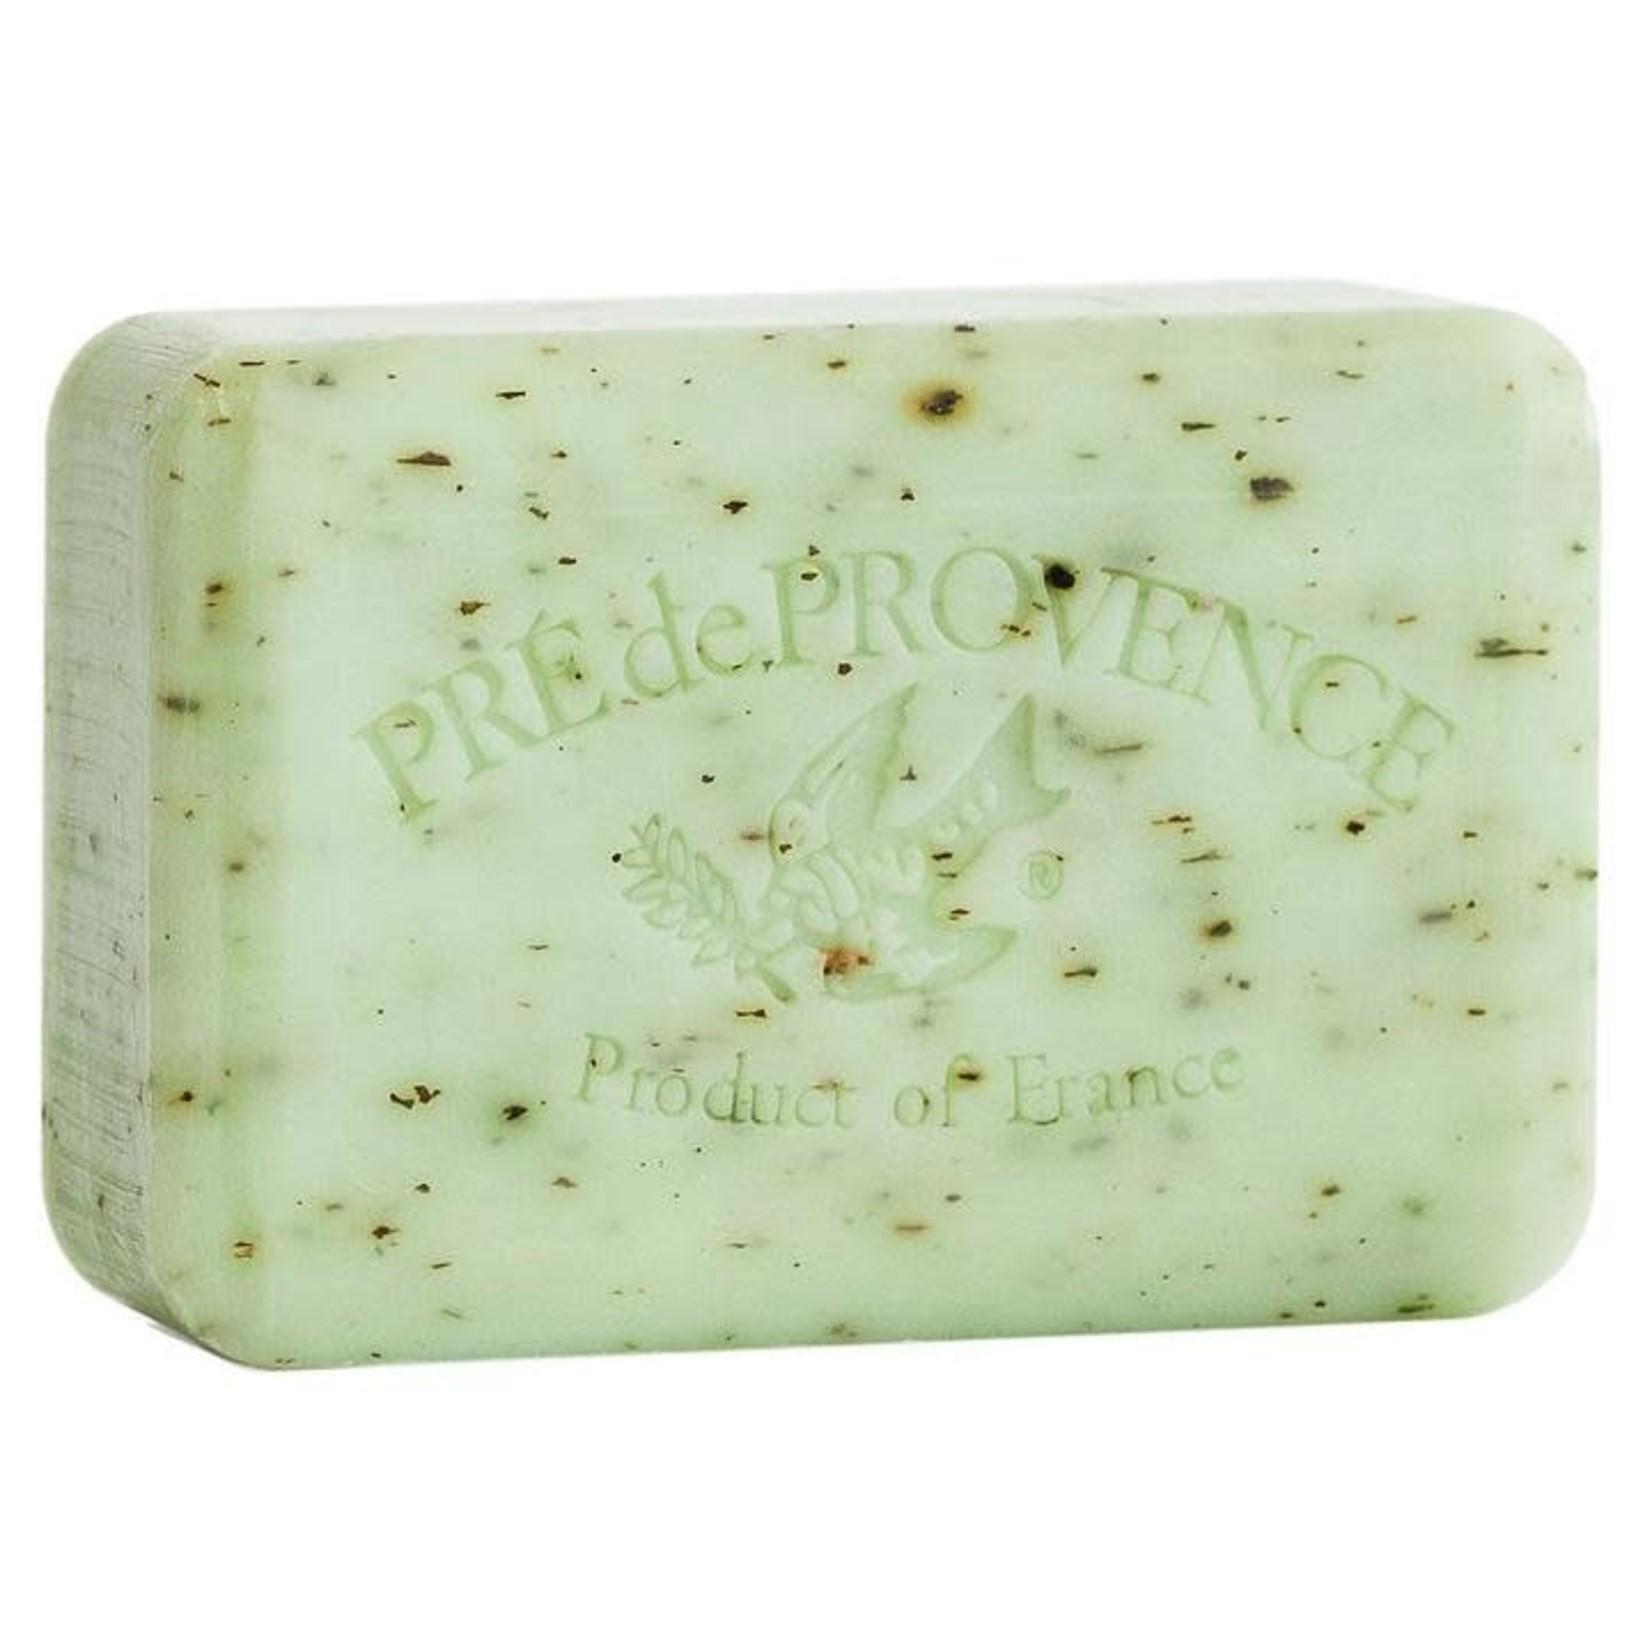 Bar Soap Rosemary Mint